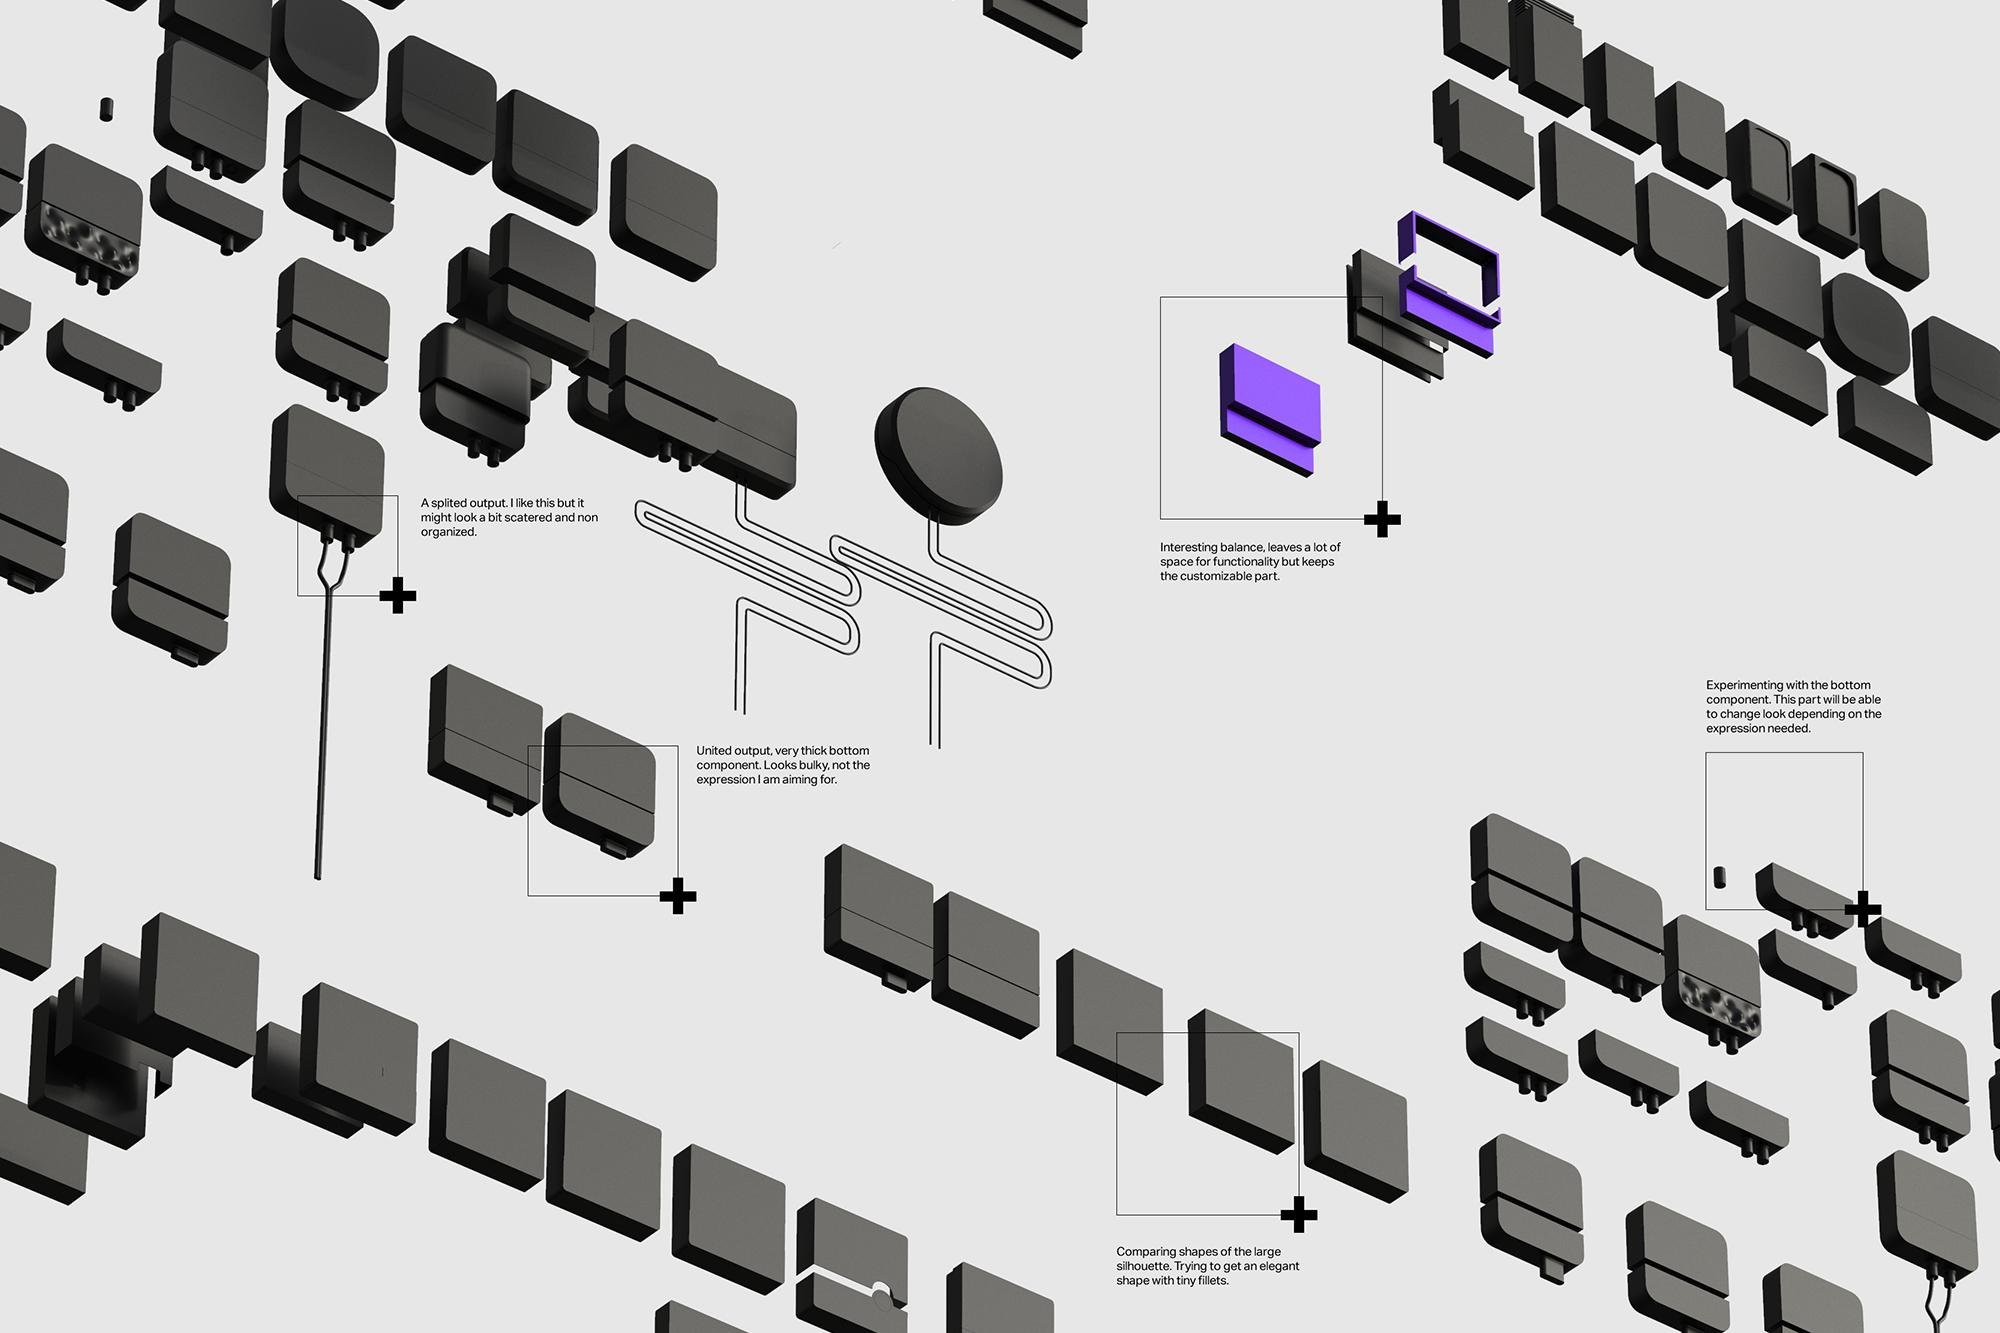 IterationsFolio